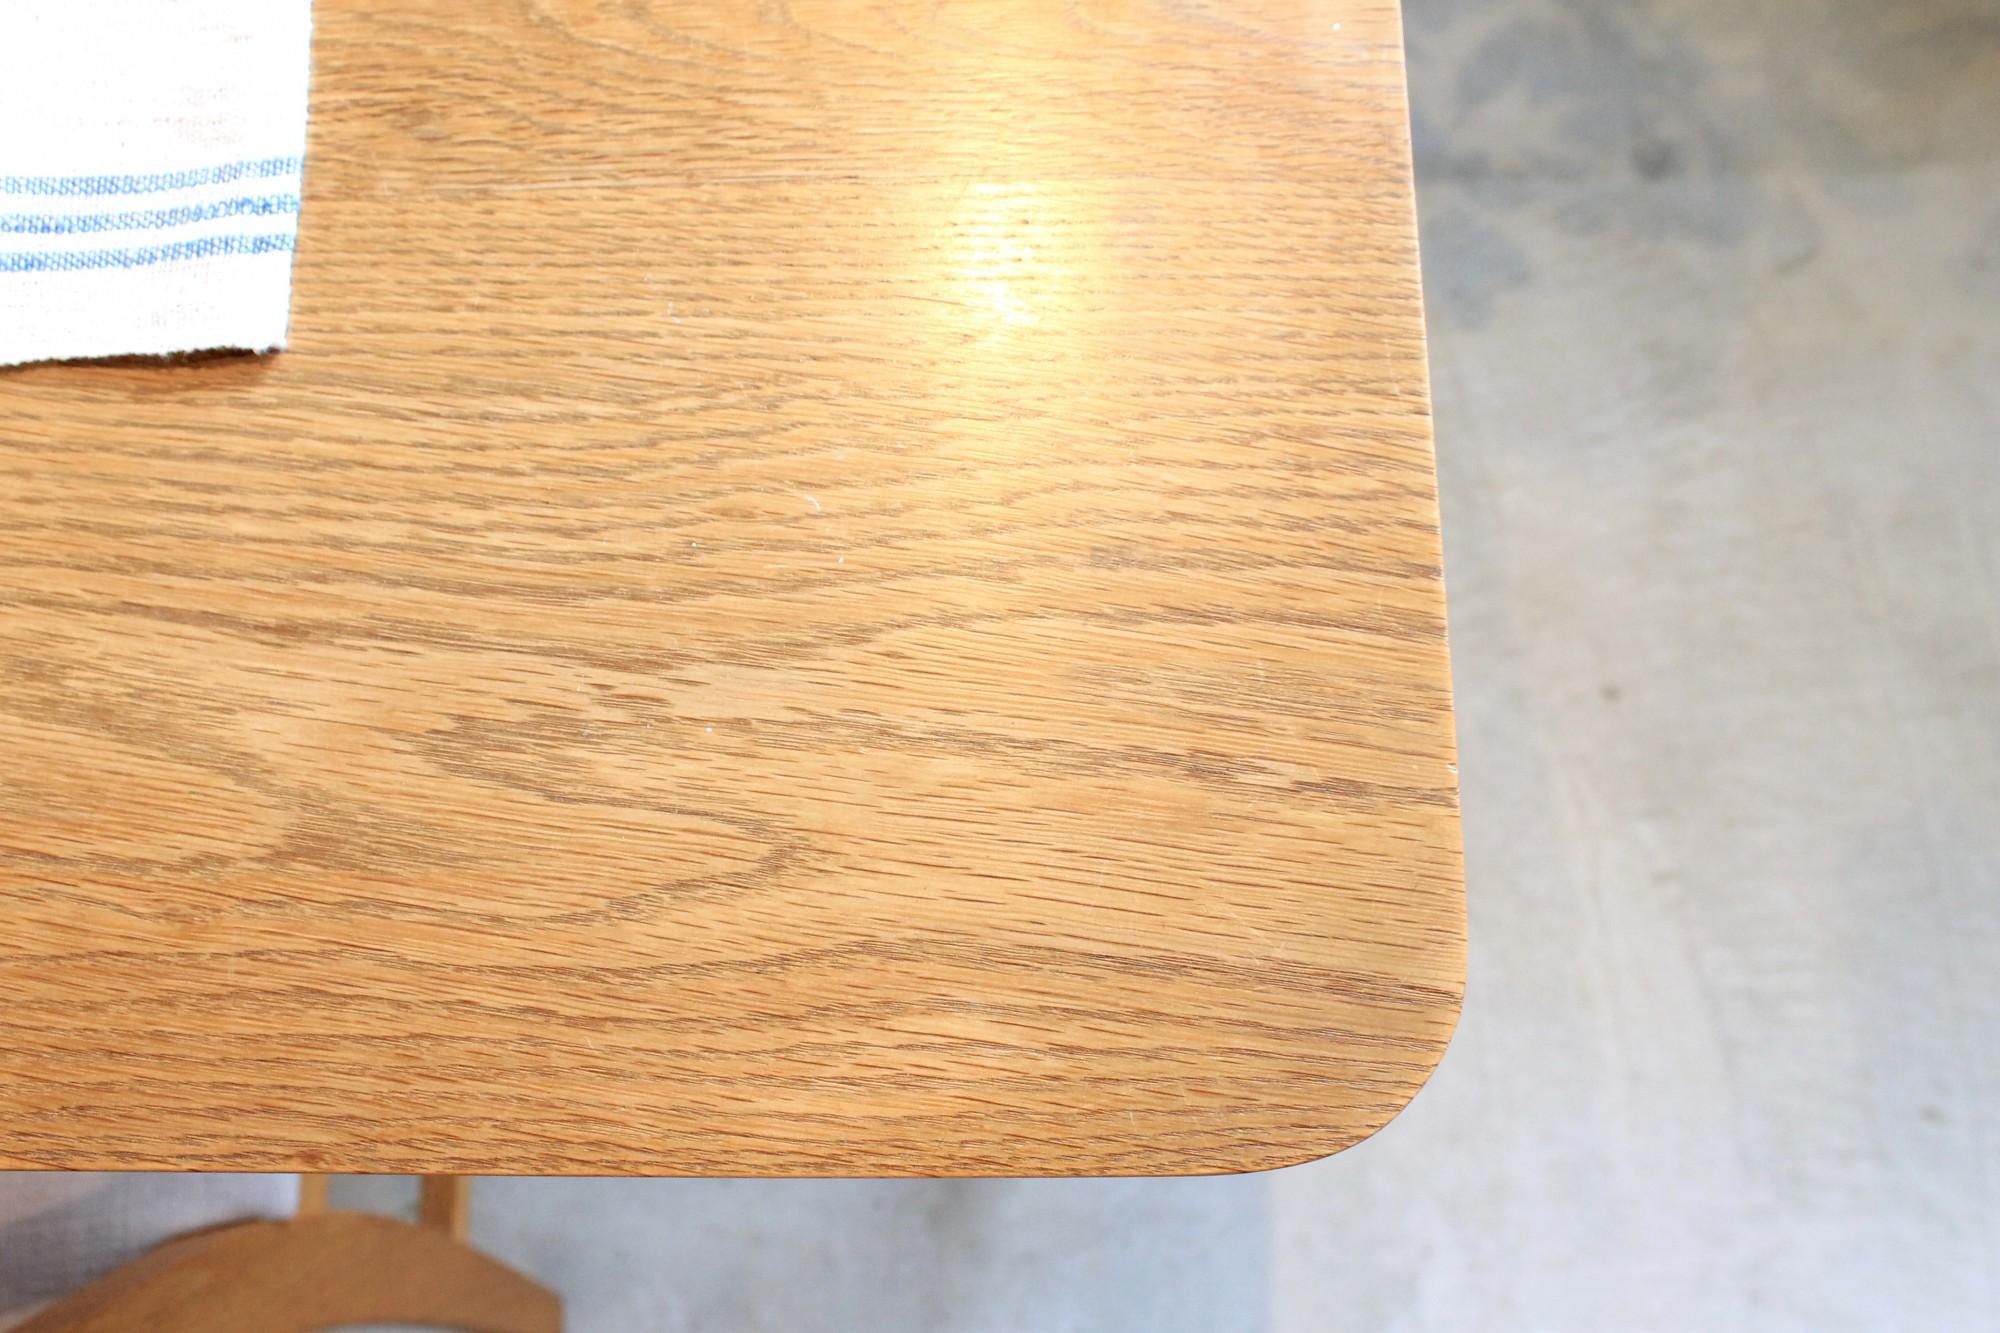 ナラを使ったテーブルは10年目。使いこまれて柔らかな雰囲気が漂います。もし大きな汚れがついてしまっても無垢材なら表面を削ることで修復可能。ちょっとした輪じみは1、2カ月経つと水分が蒸化し目立たなくなることもあります。「木は息をしているので、使いながらサポートしていきたいです」